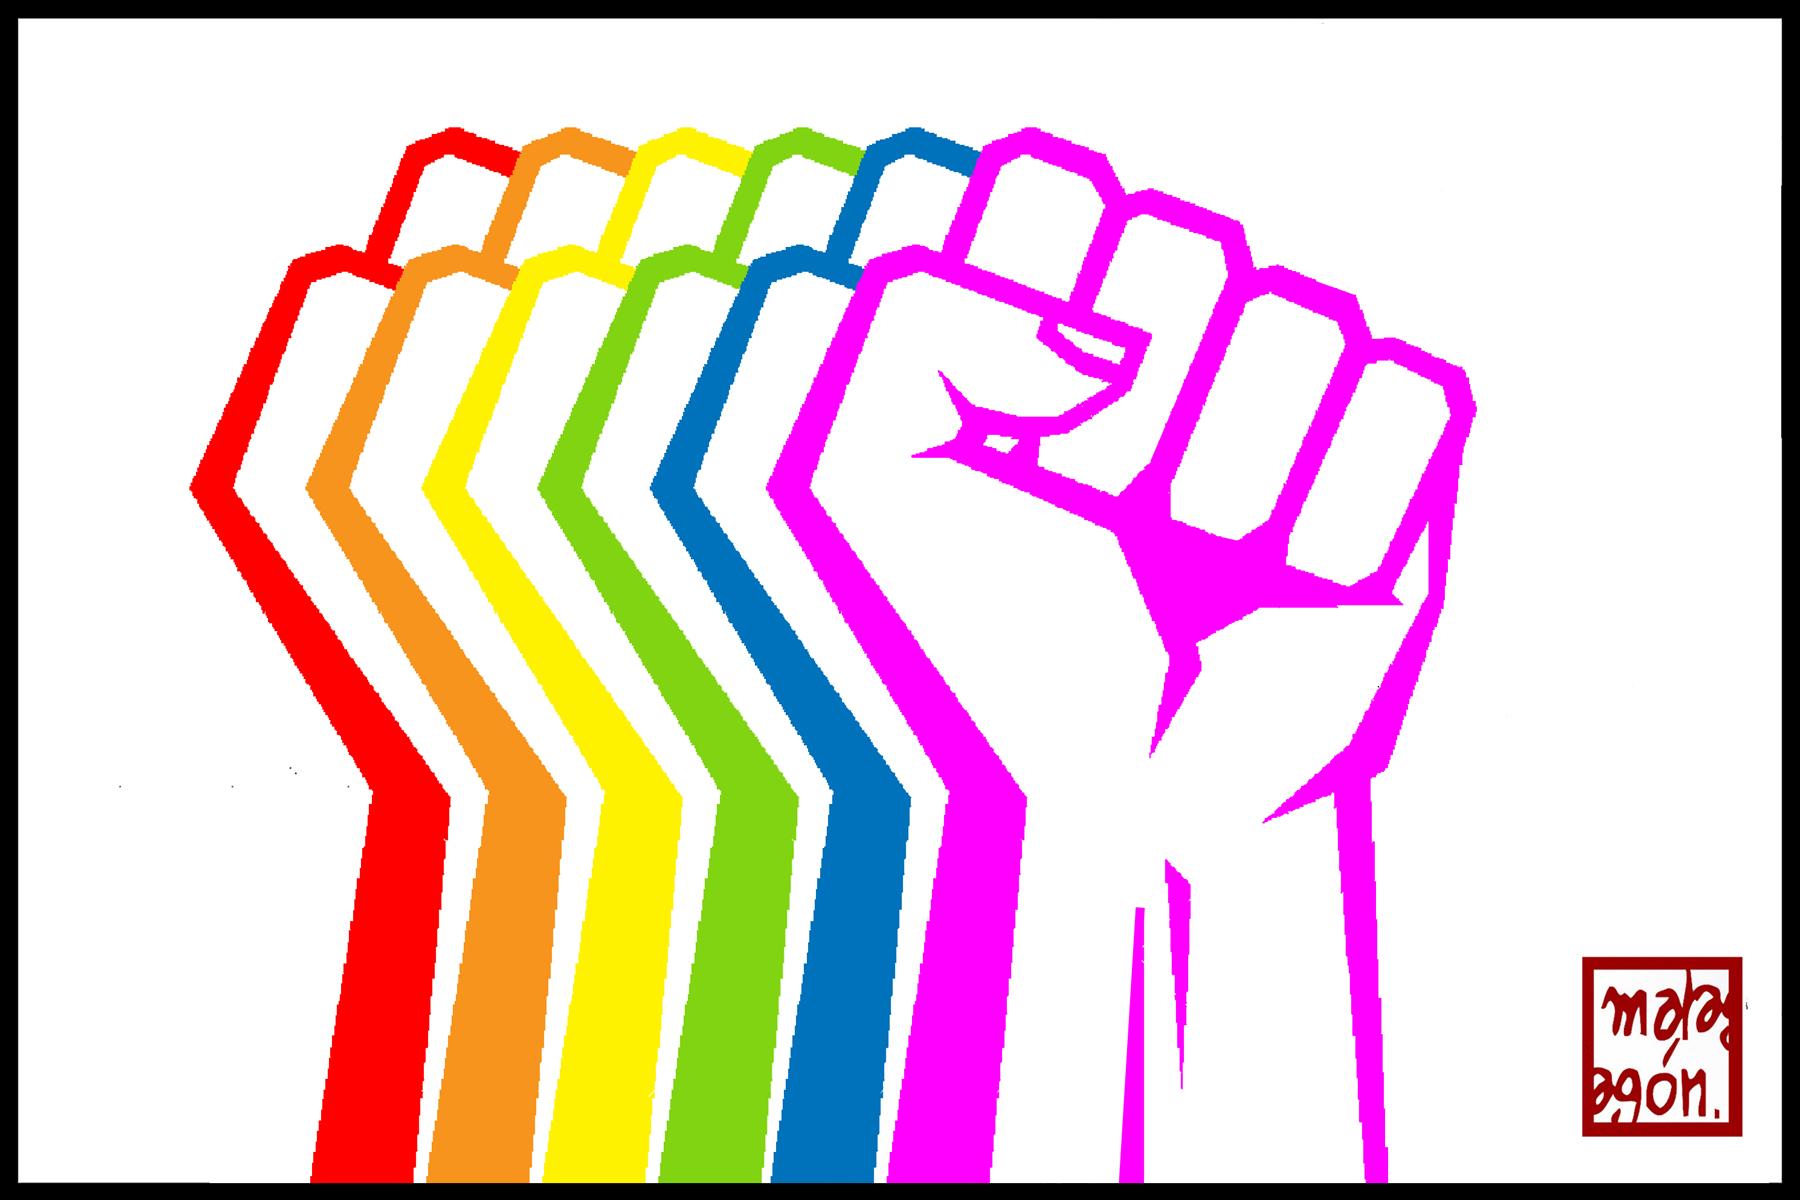 <p>Orgullo.</p>